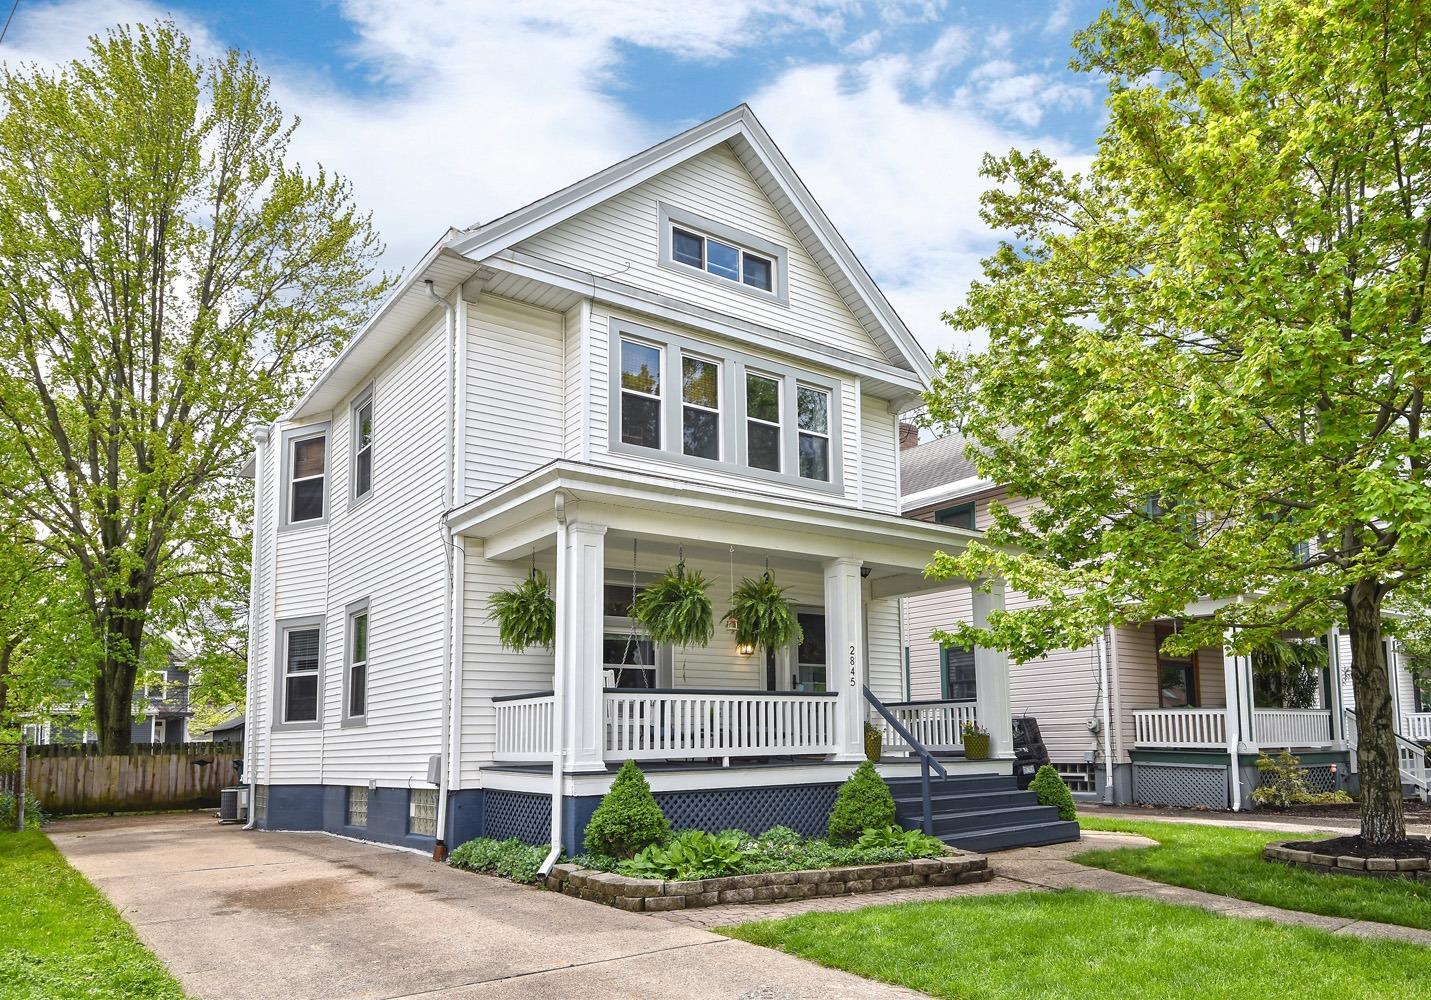 Property for sale at 2845 Minot Avenue, Cincinnati,  Ohio 45209